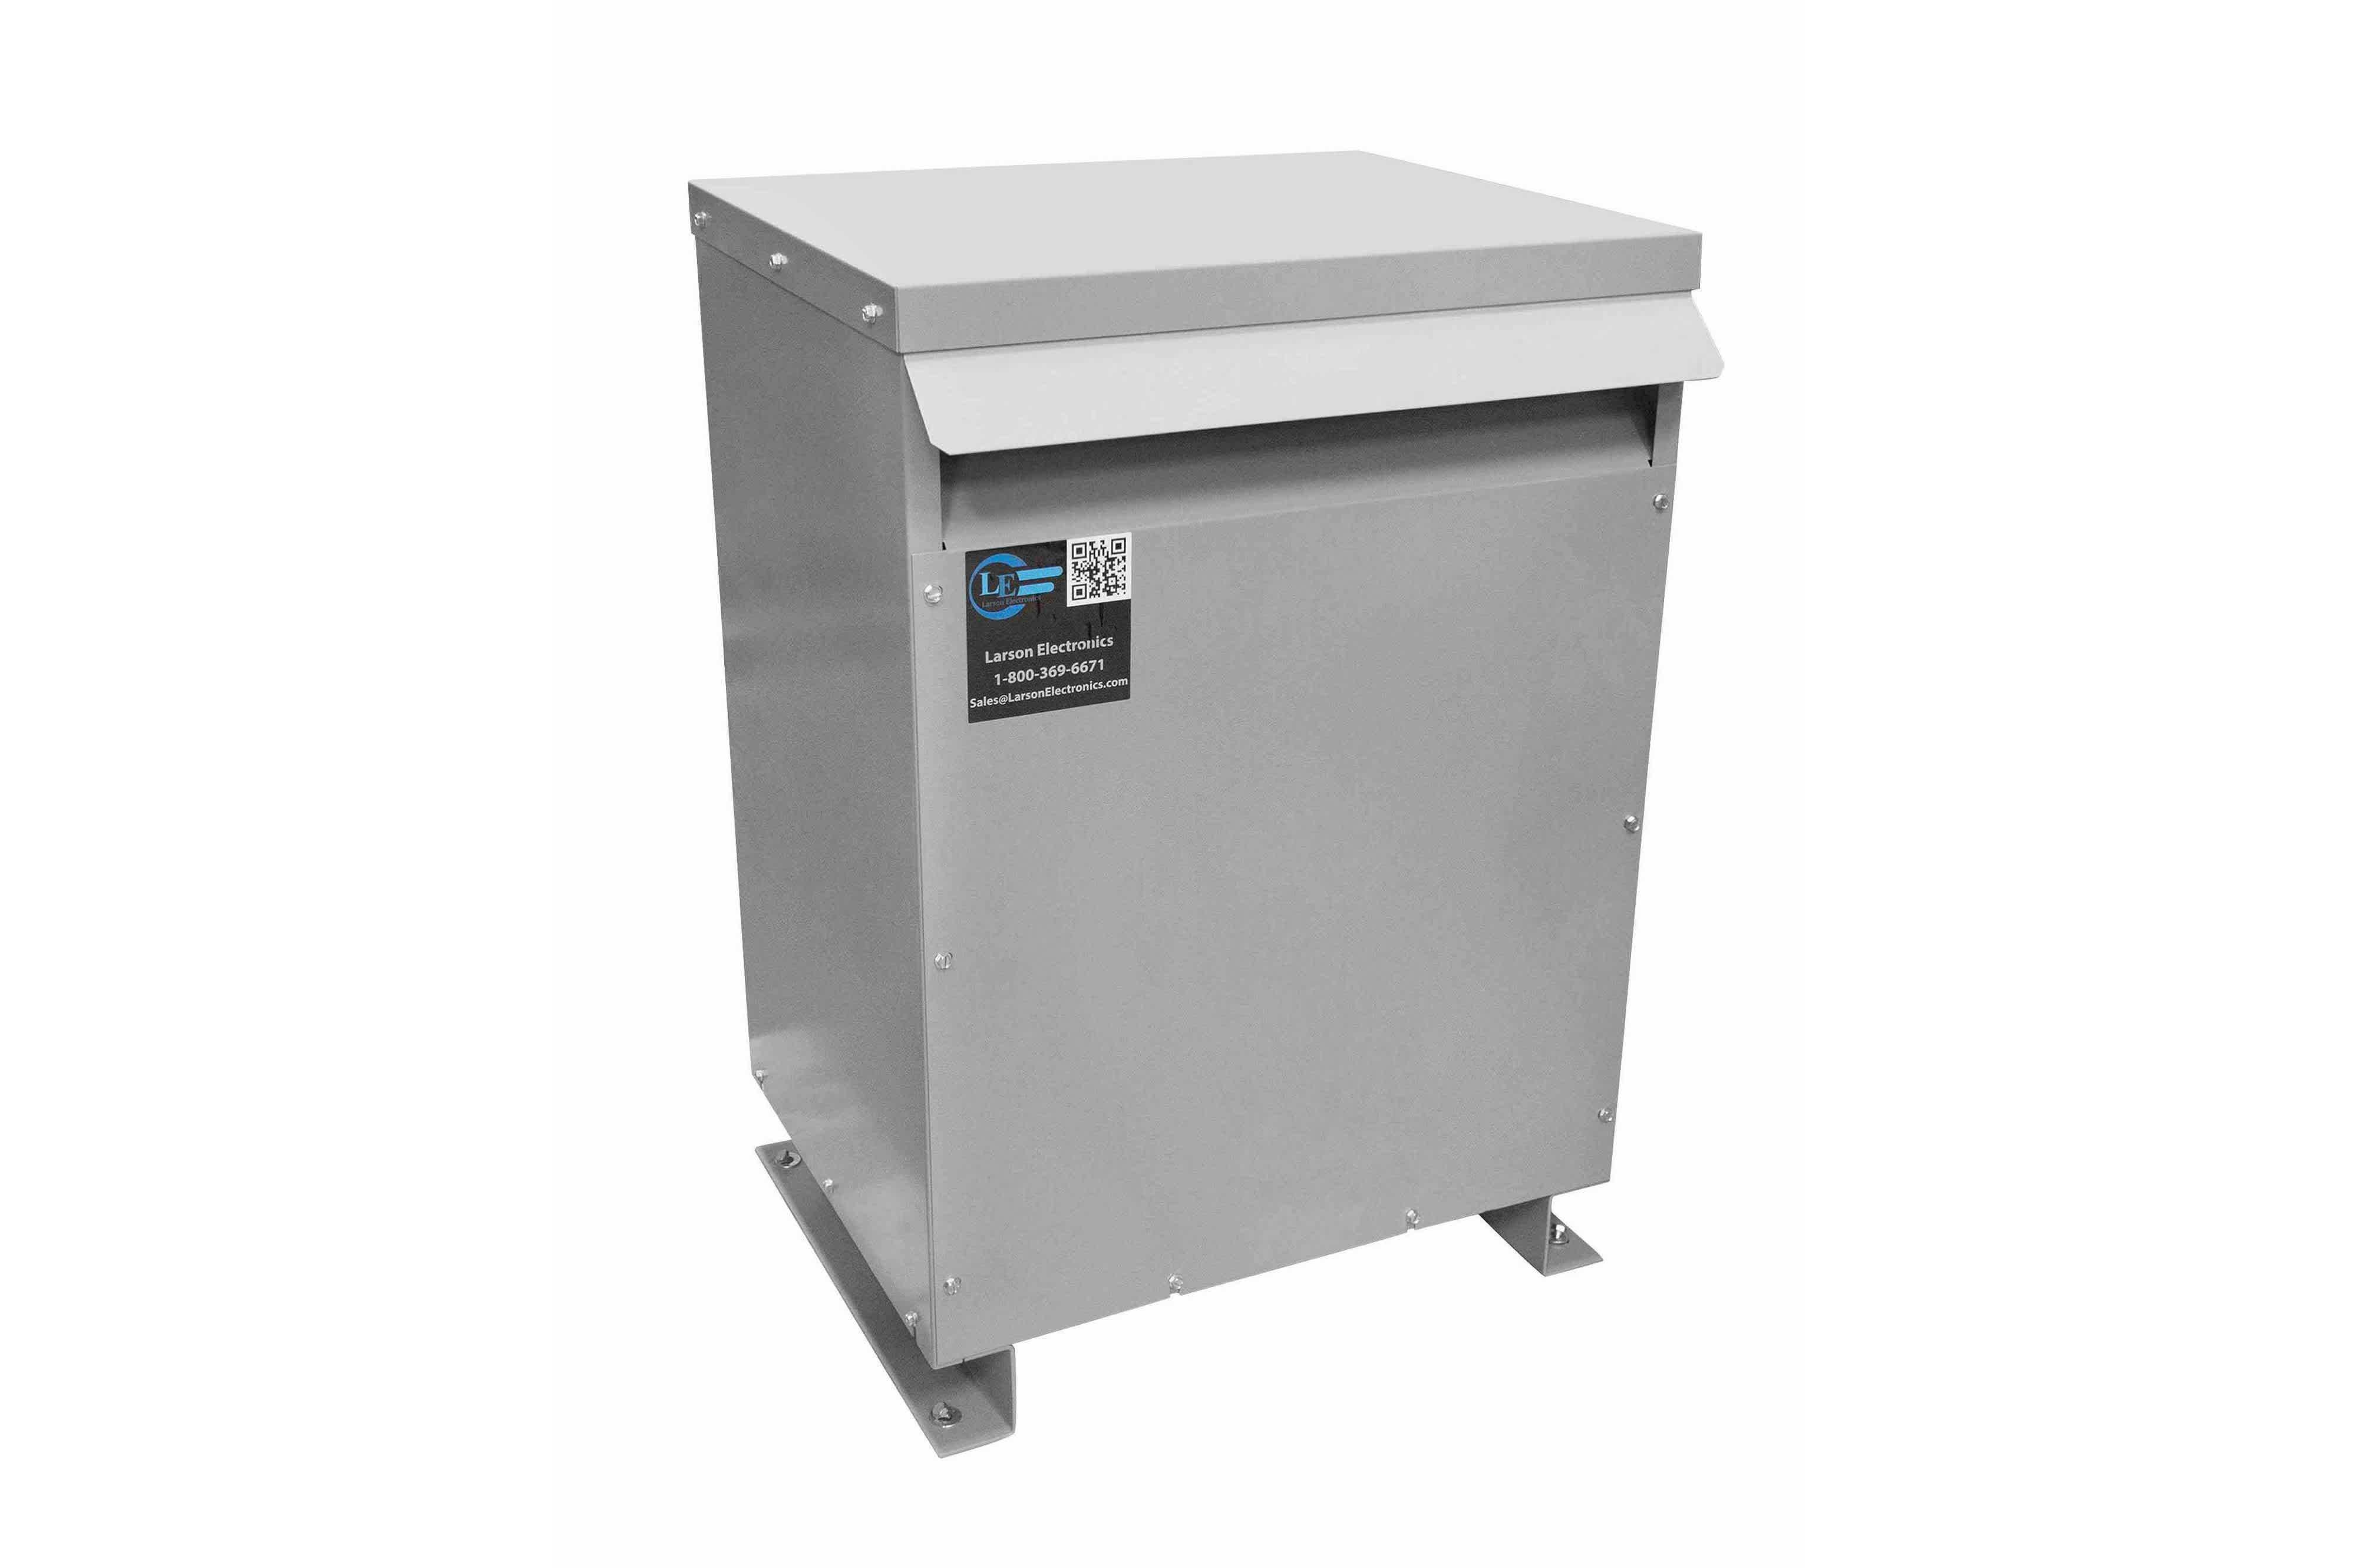 900 kVA 3PH Isolation Transformer, 208V Delta Primary, 600V Delta Secondary, N3R, Ventilated, 60 Hz